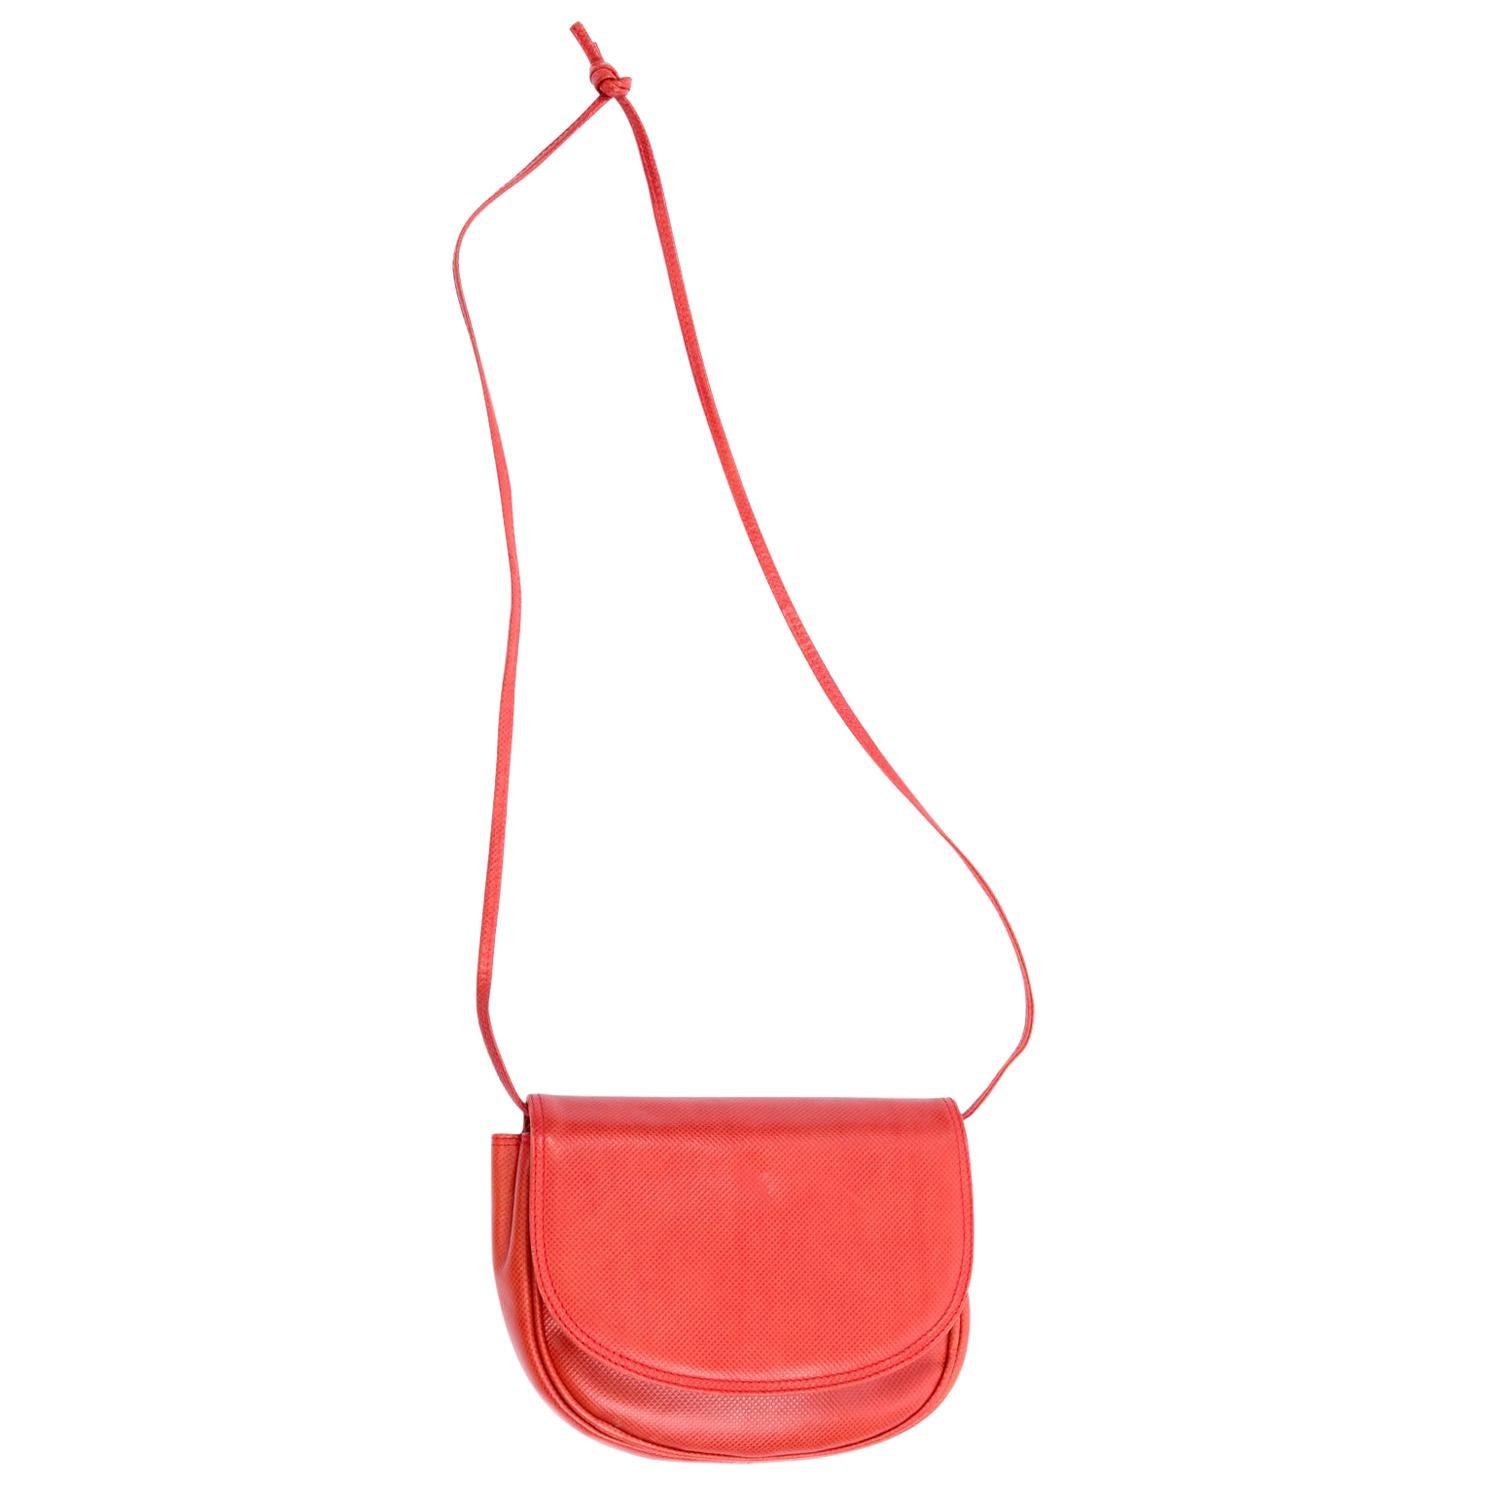 Vintage Bottega Veneta Crossbody Orange Leather Flap Bag With Shoulder Strap